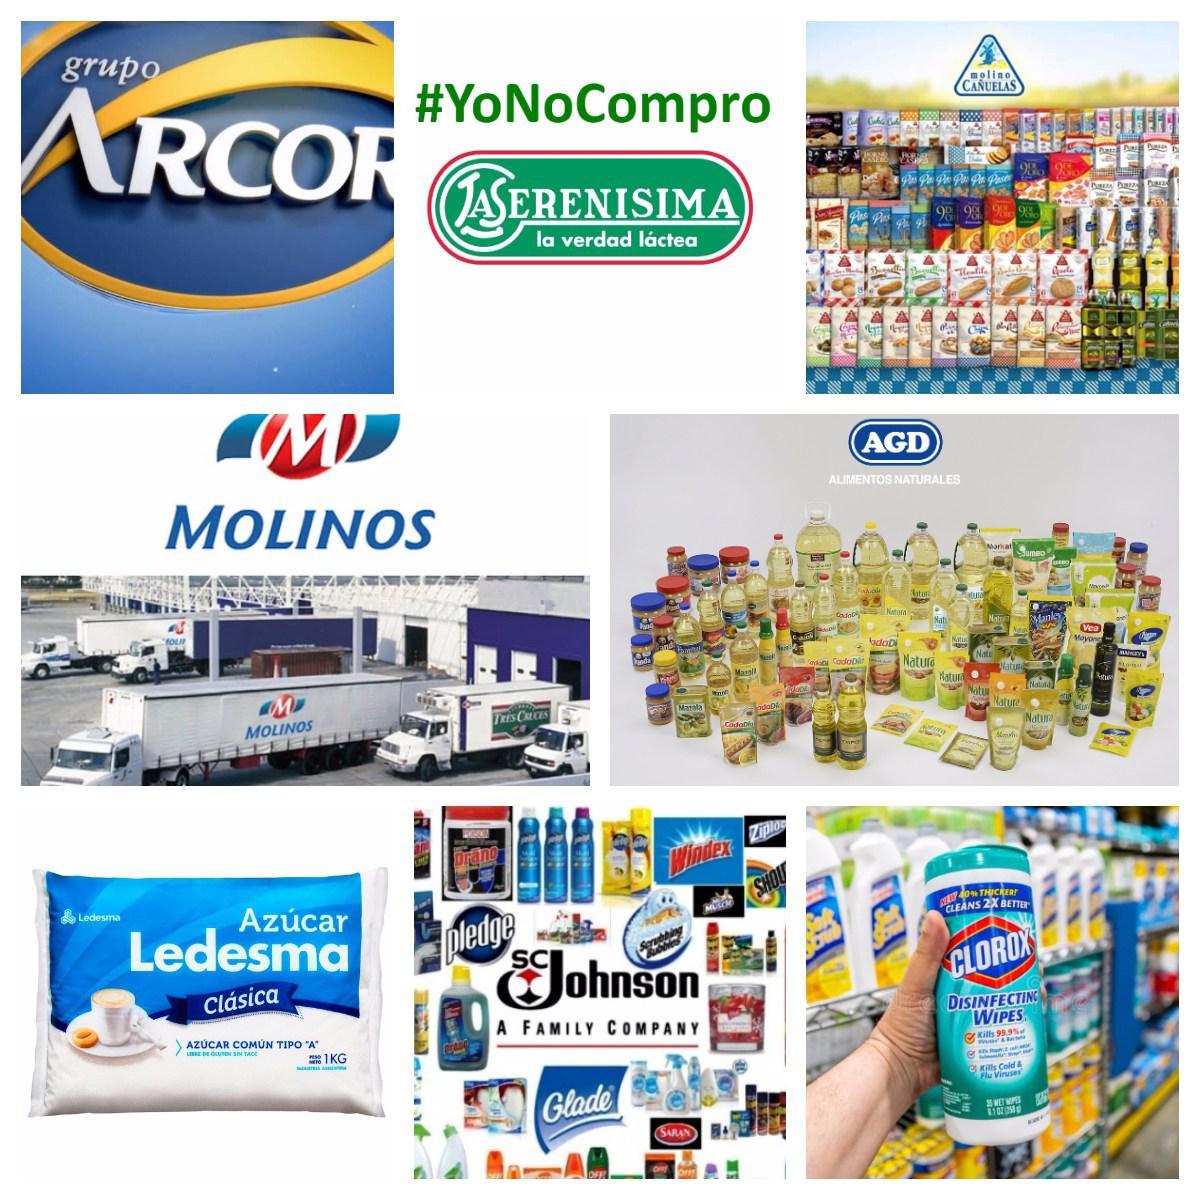 Argentina: El dólar y el precio de los alimentos. La pinza agro ...